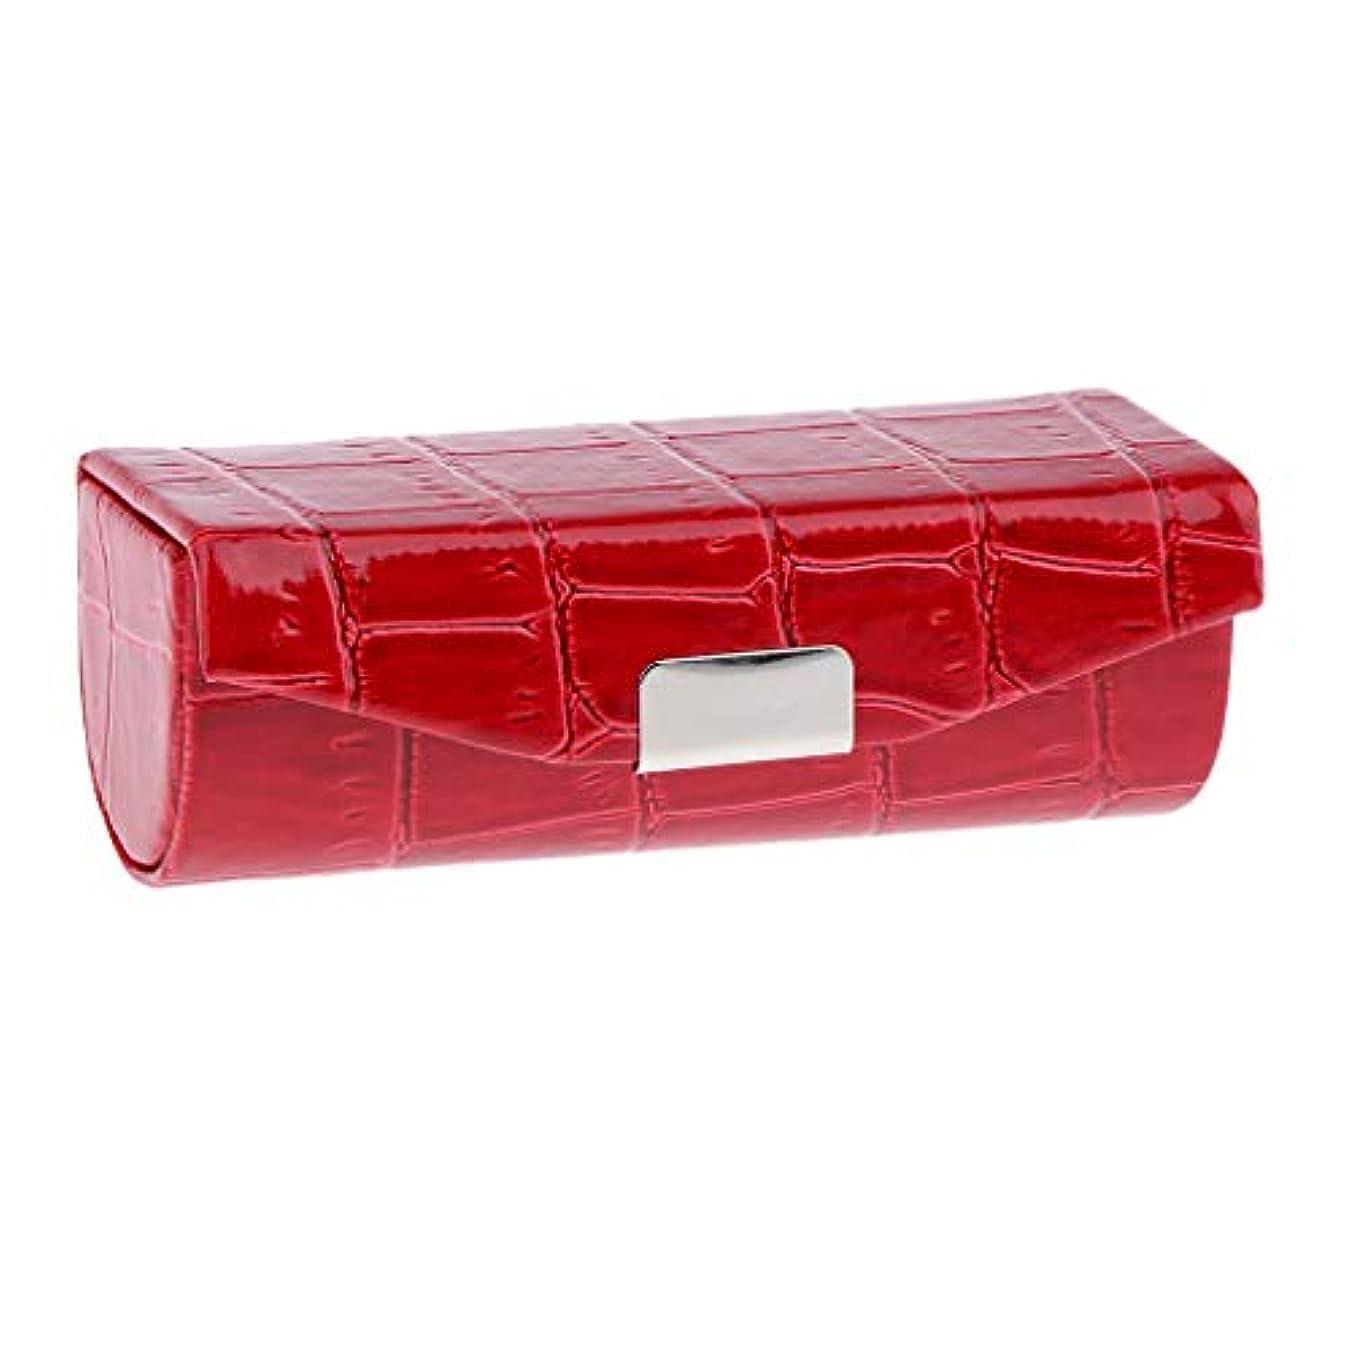 枕マーティンルーサーキングジュニア代表するSharplace 口紅ケース 小物収納ケース プレゼント ミラー付き 多色選べ - 赤